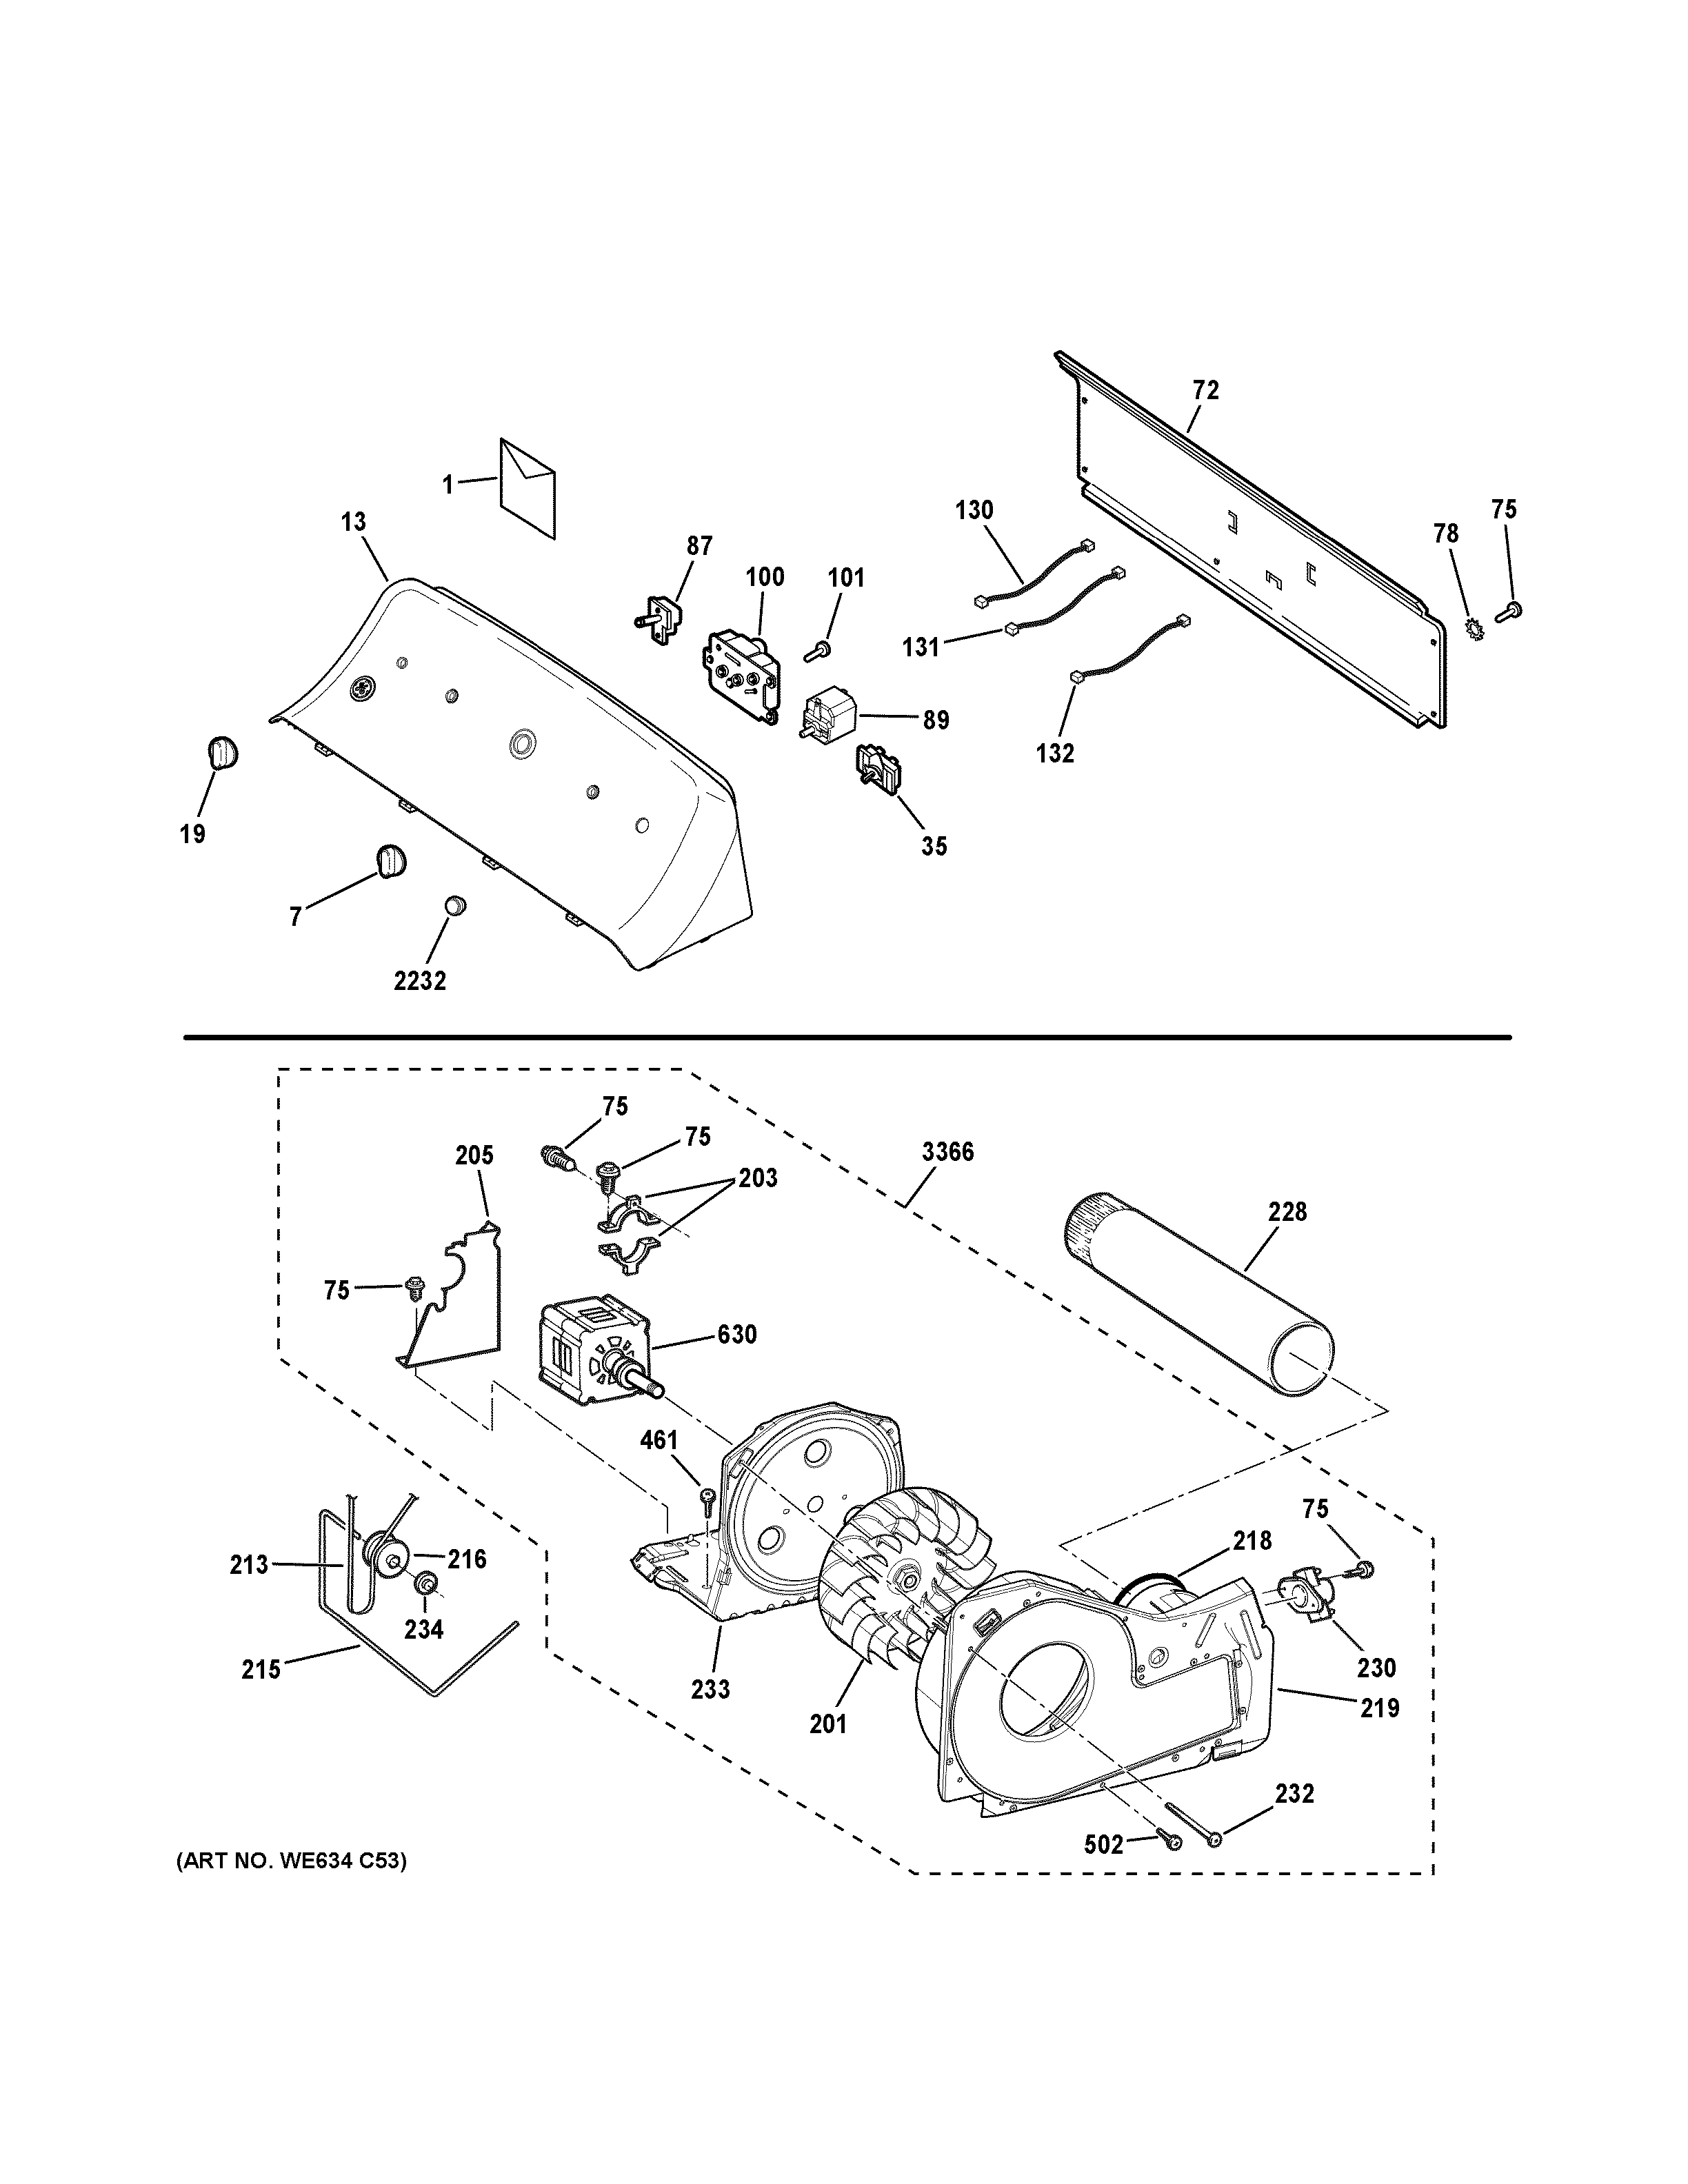 Wiring Diagram Ge Dryer Model Gtd33eask0ww